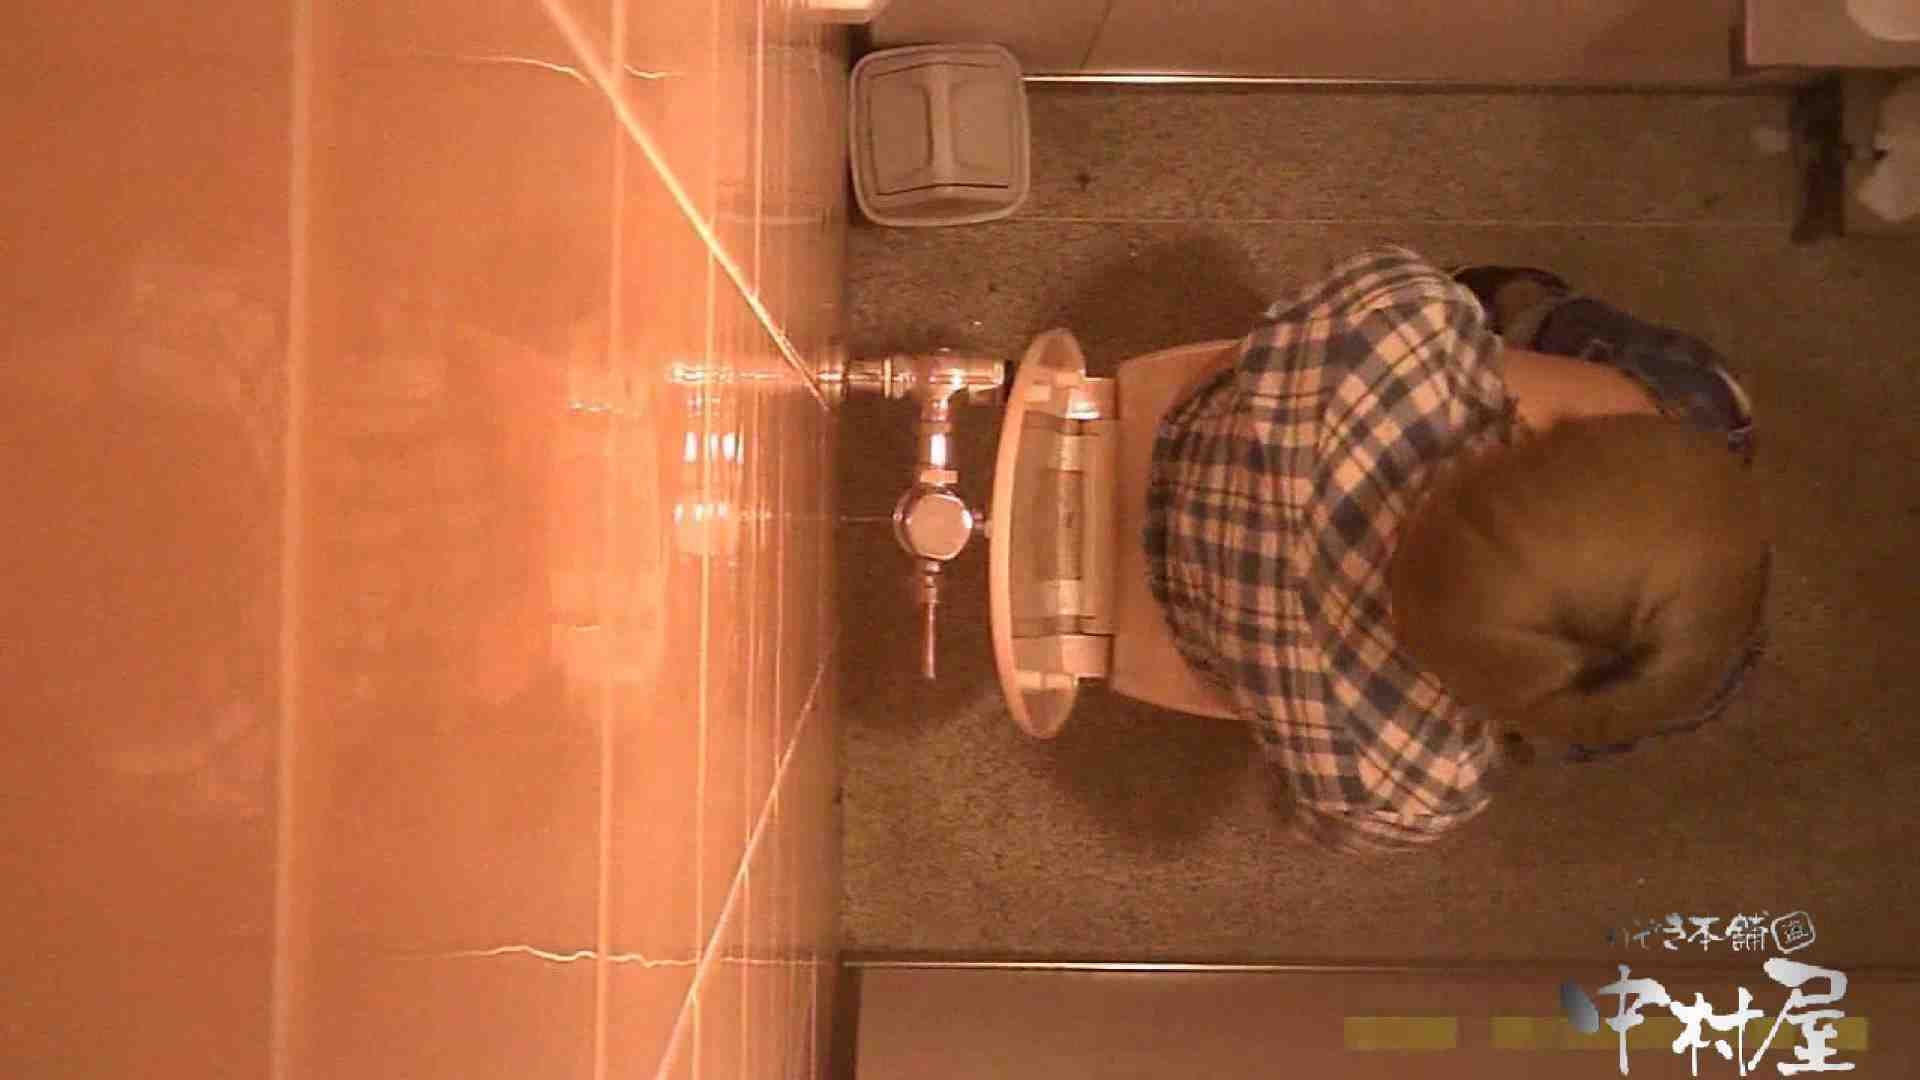 初盗撮!女盗撮師カレンさんの 潜入!女子トイレ盗撮!Vol.2 OLセックス | 女子トイレ  55画像 1